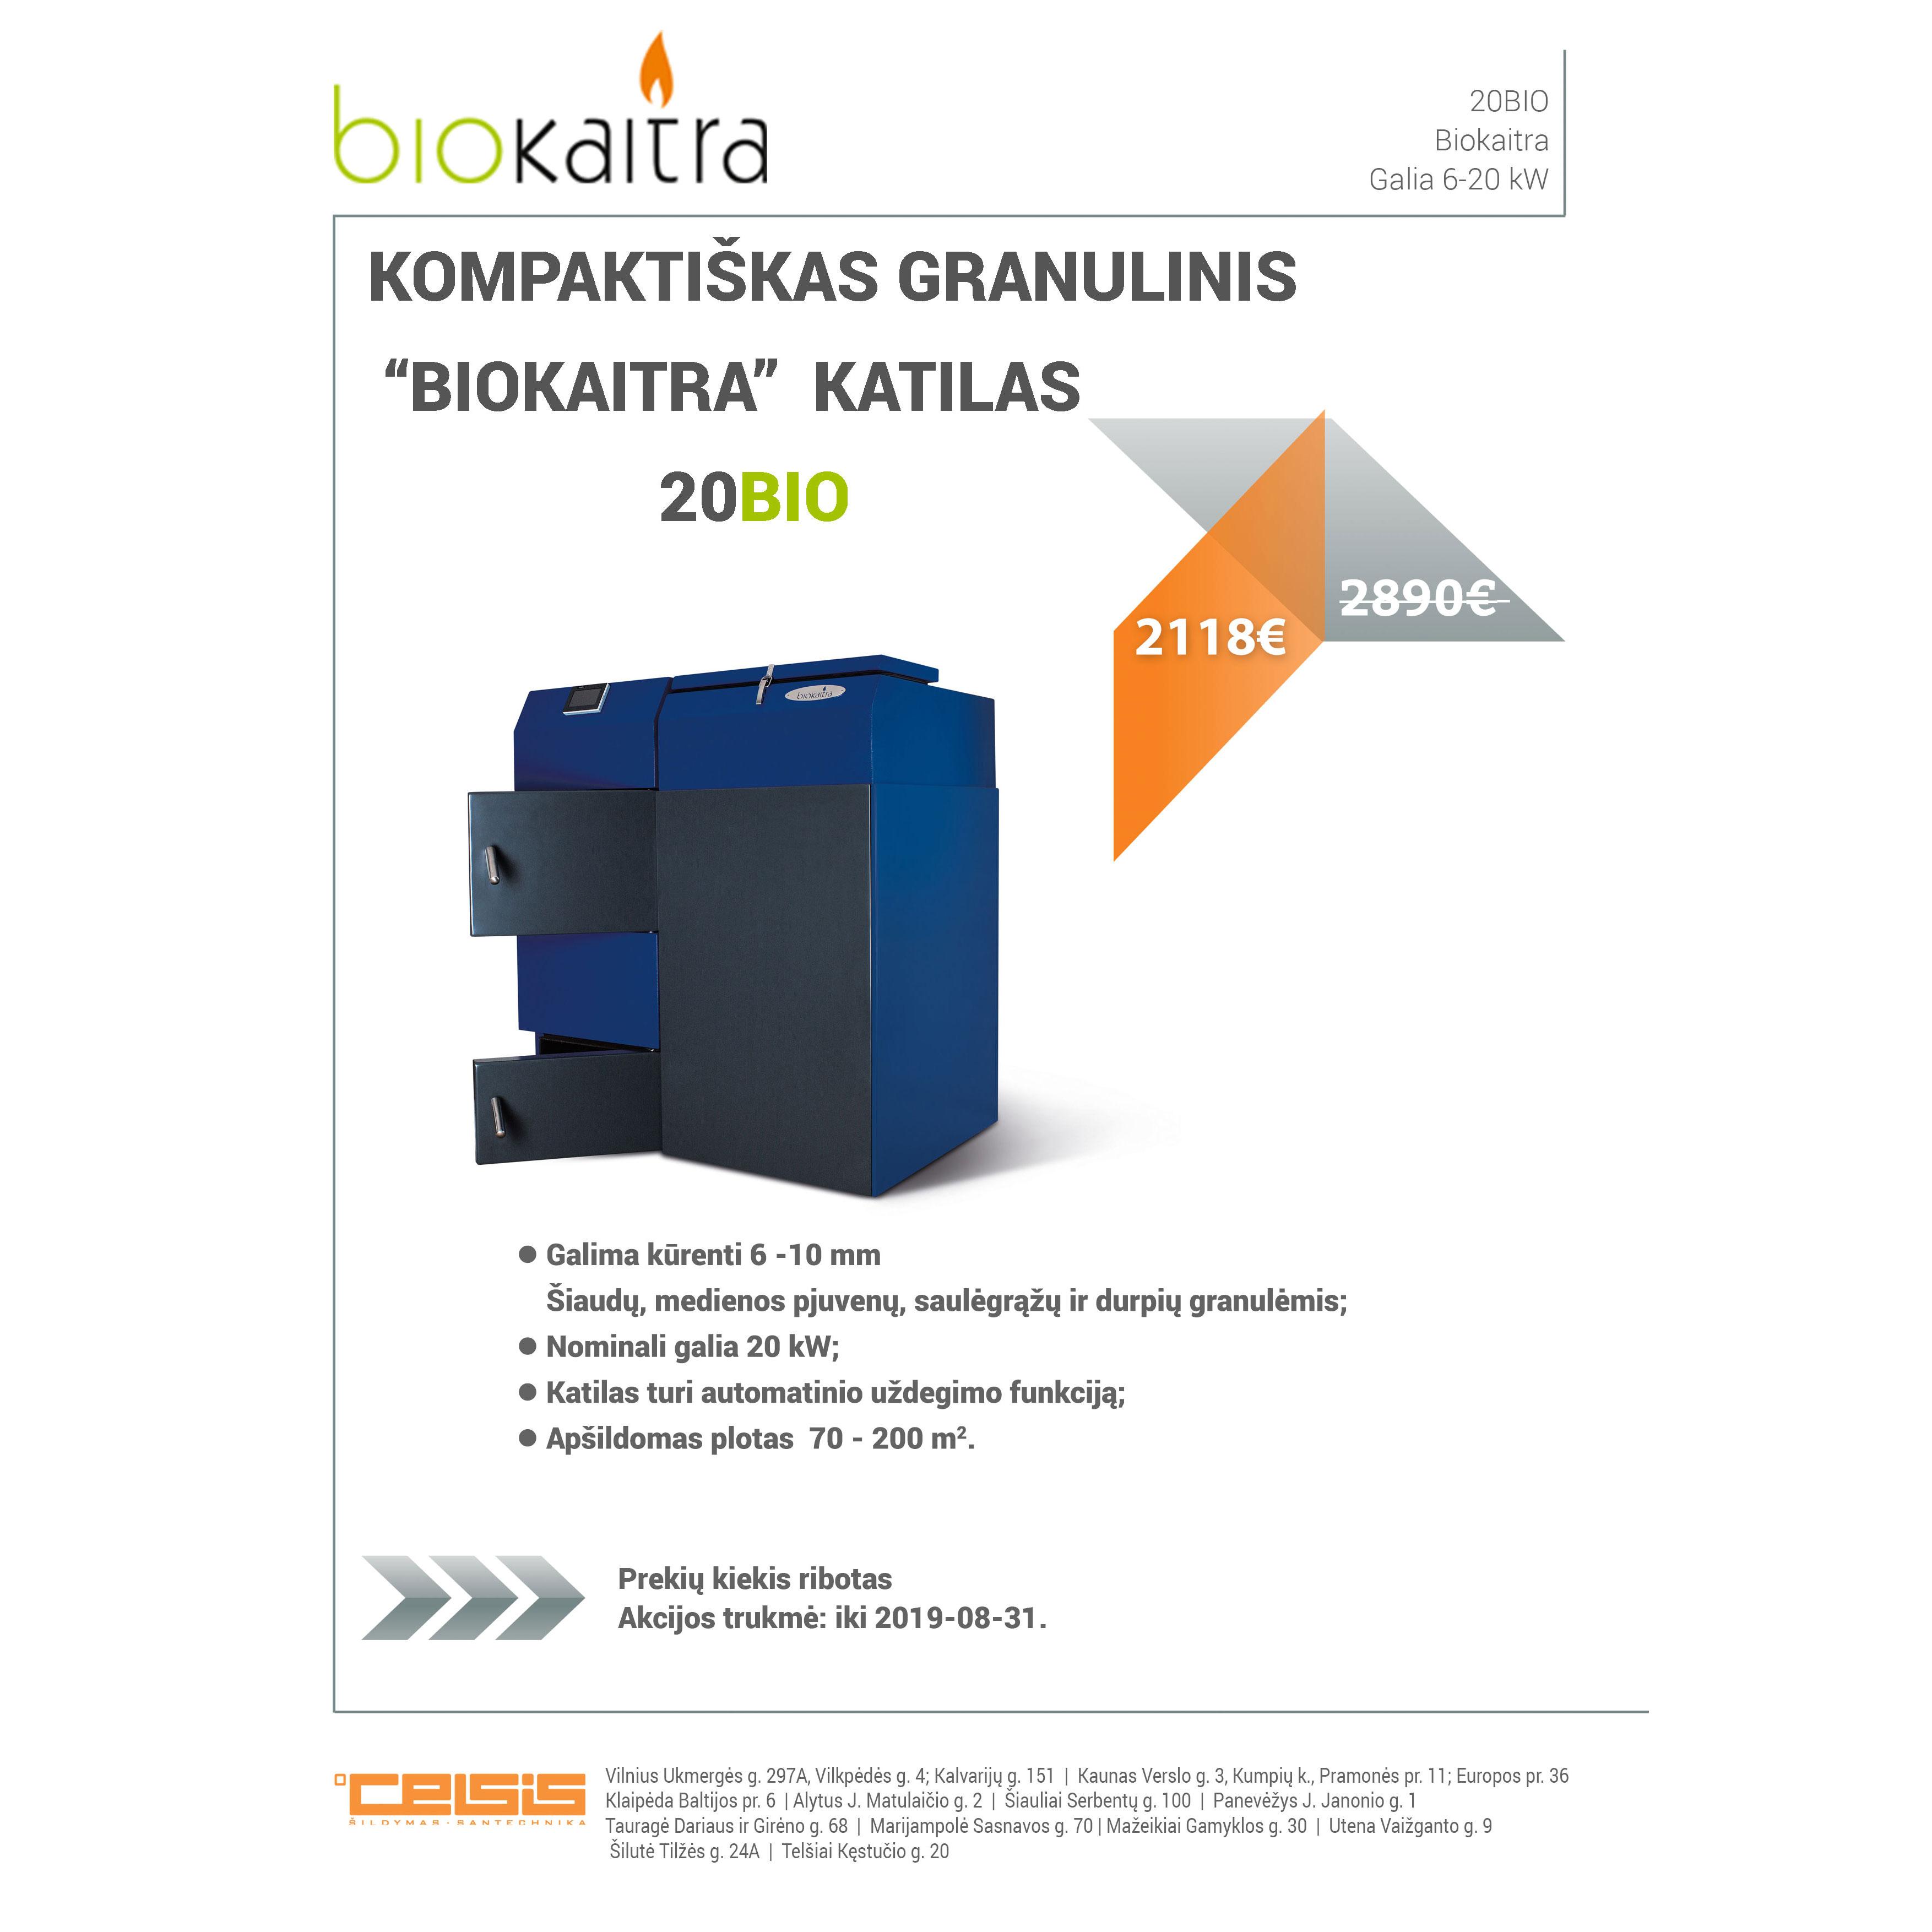 """KOMPAKTIŠKAS GRANULINIS """"BIOKAITRA""""  KATILAS 20BIO 2118 €!"""